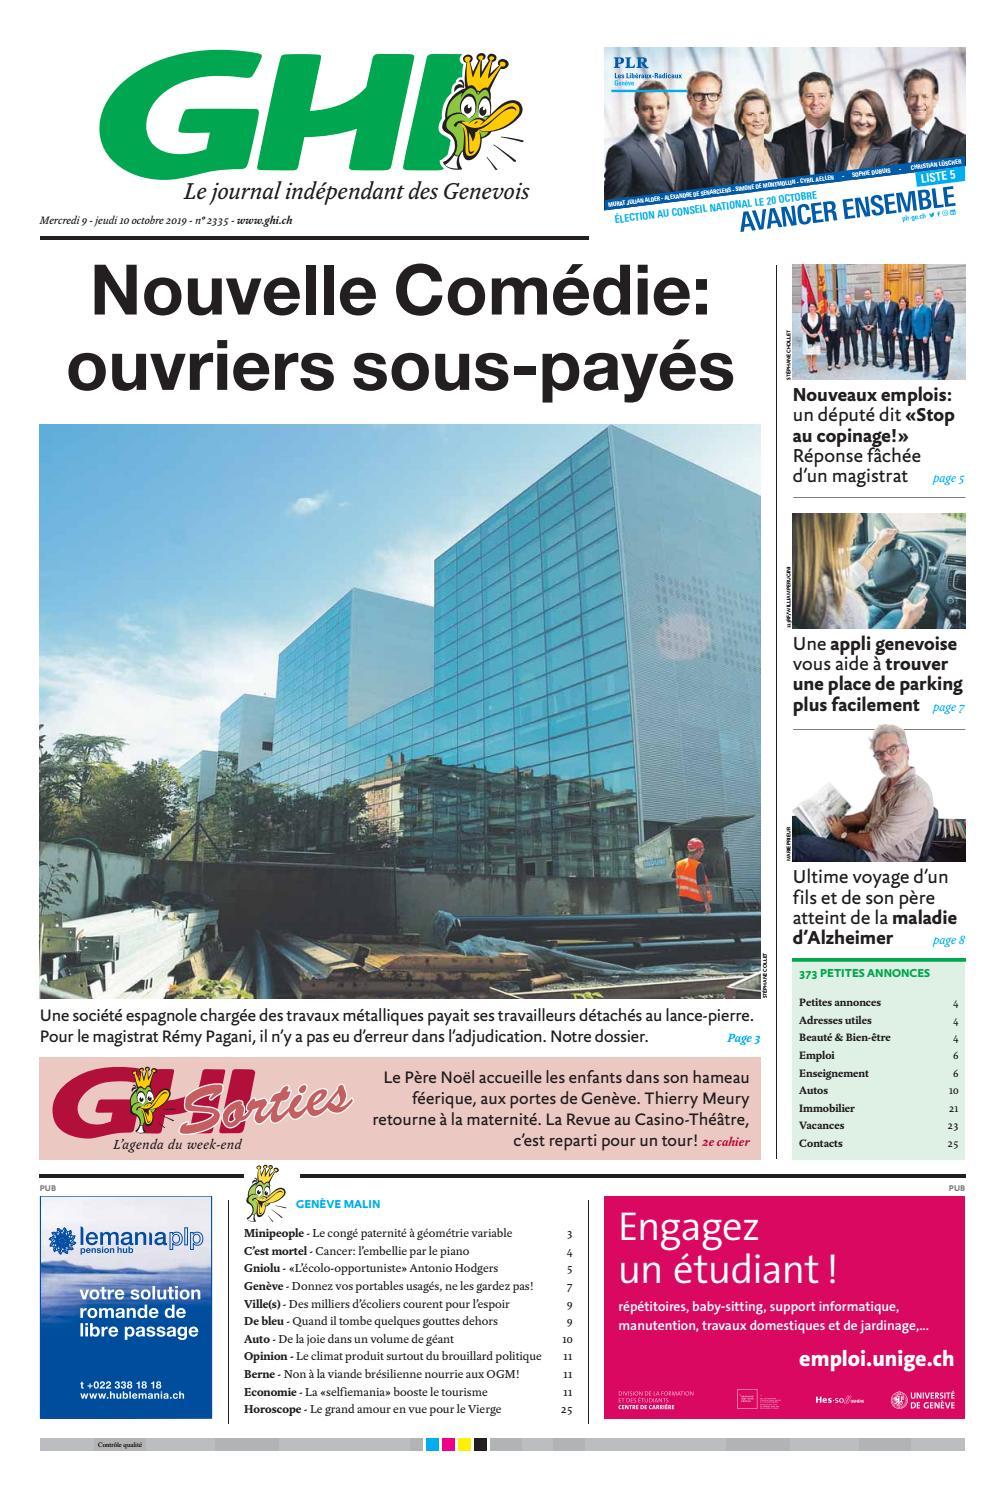 Salon De Jardin Rue Du Commerce Frais 2019 10 10 by Ghi & Lausanne Cités issuu